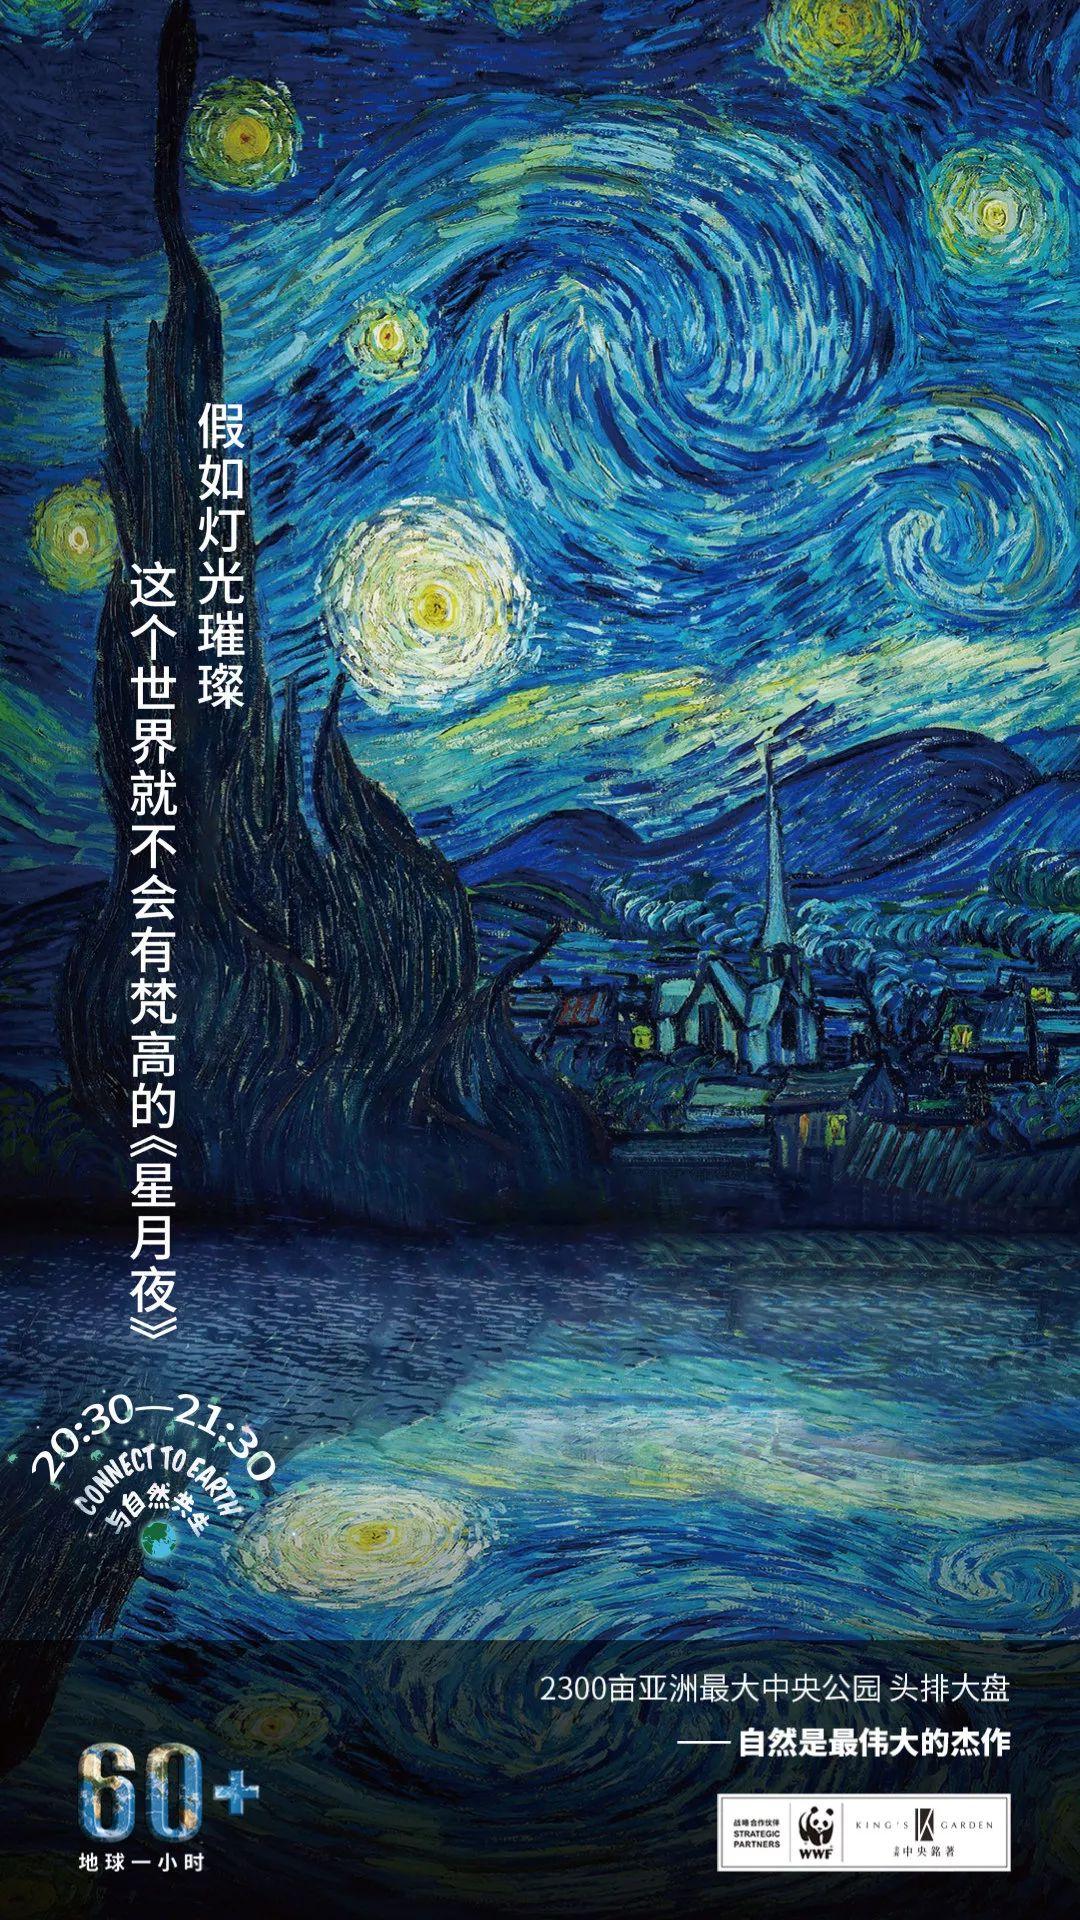 地球一小时文案海报:抬头发现天空中最亮的星!插图26